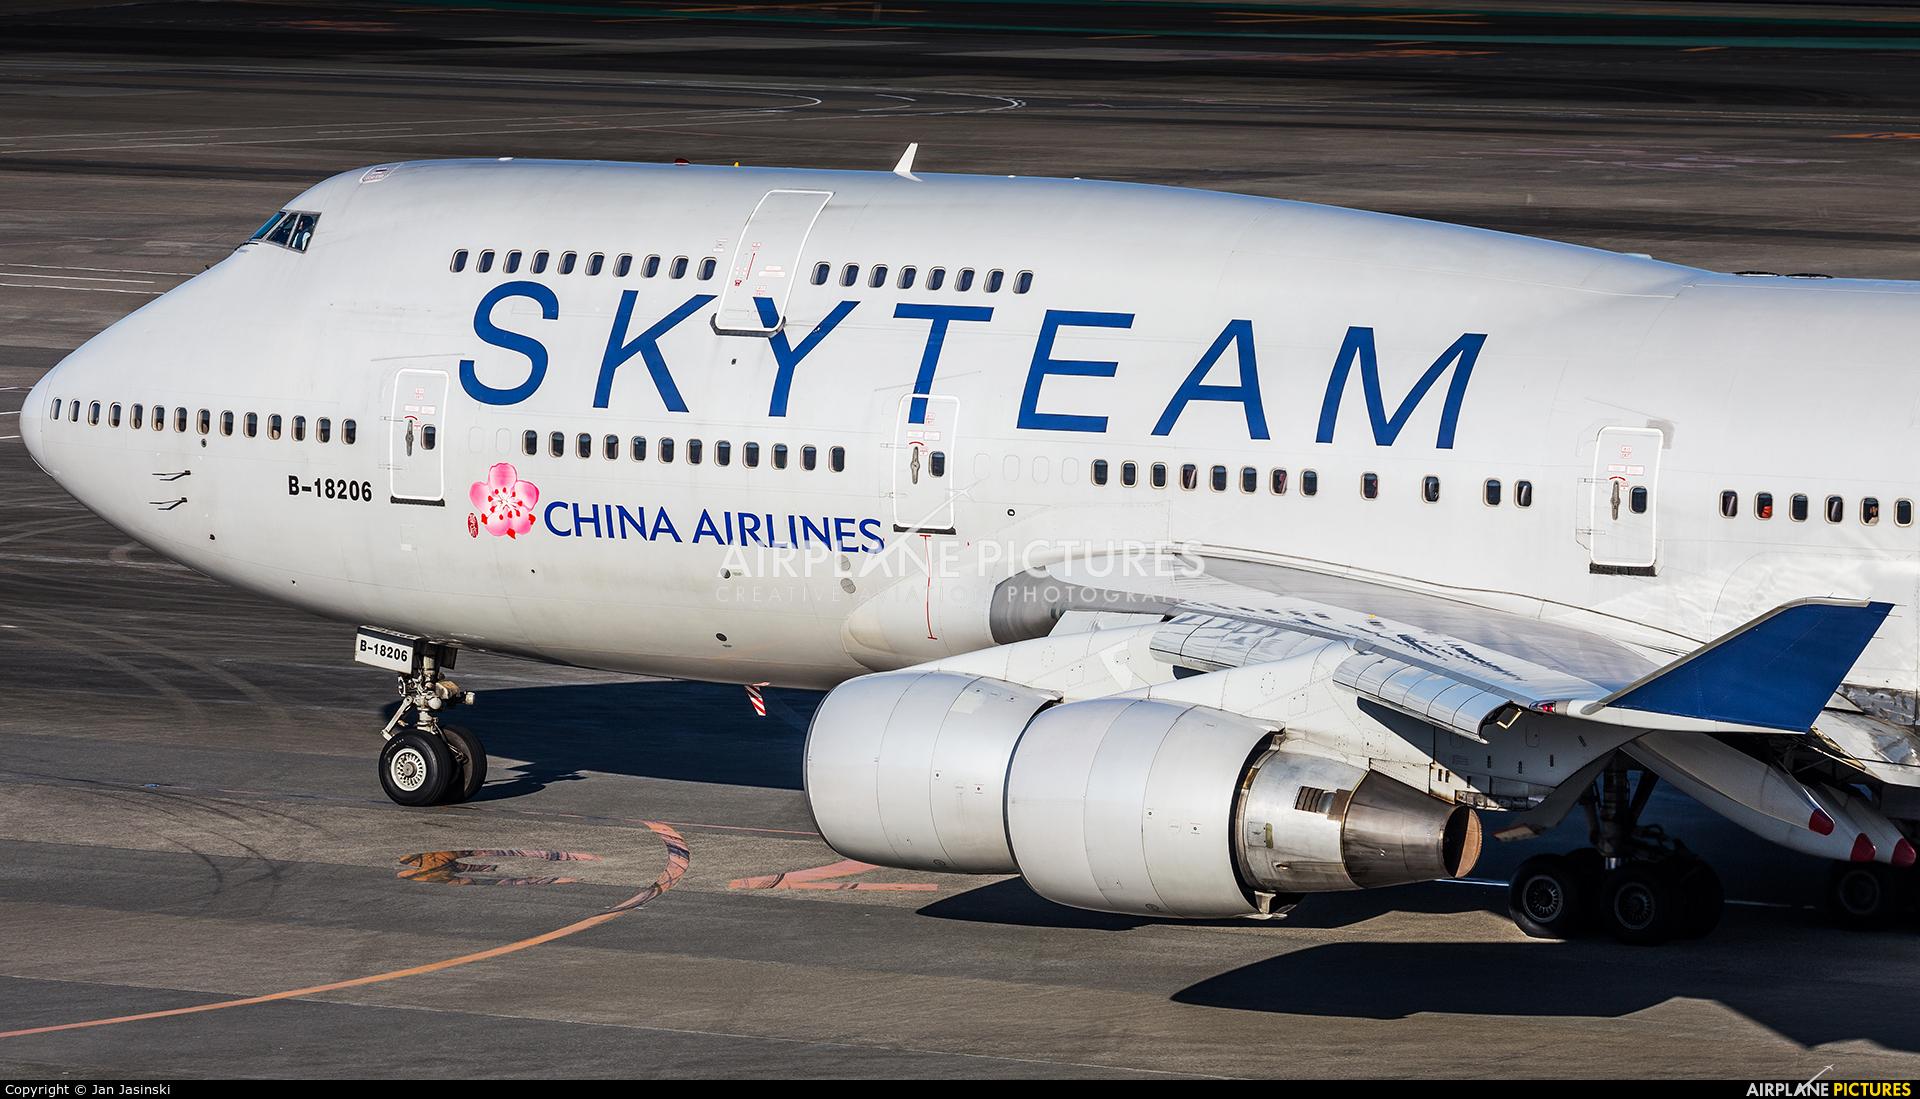 China Airlines B-18206 aircraft at Tokyo - Narita Intl